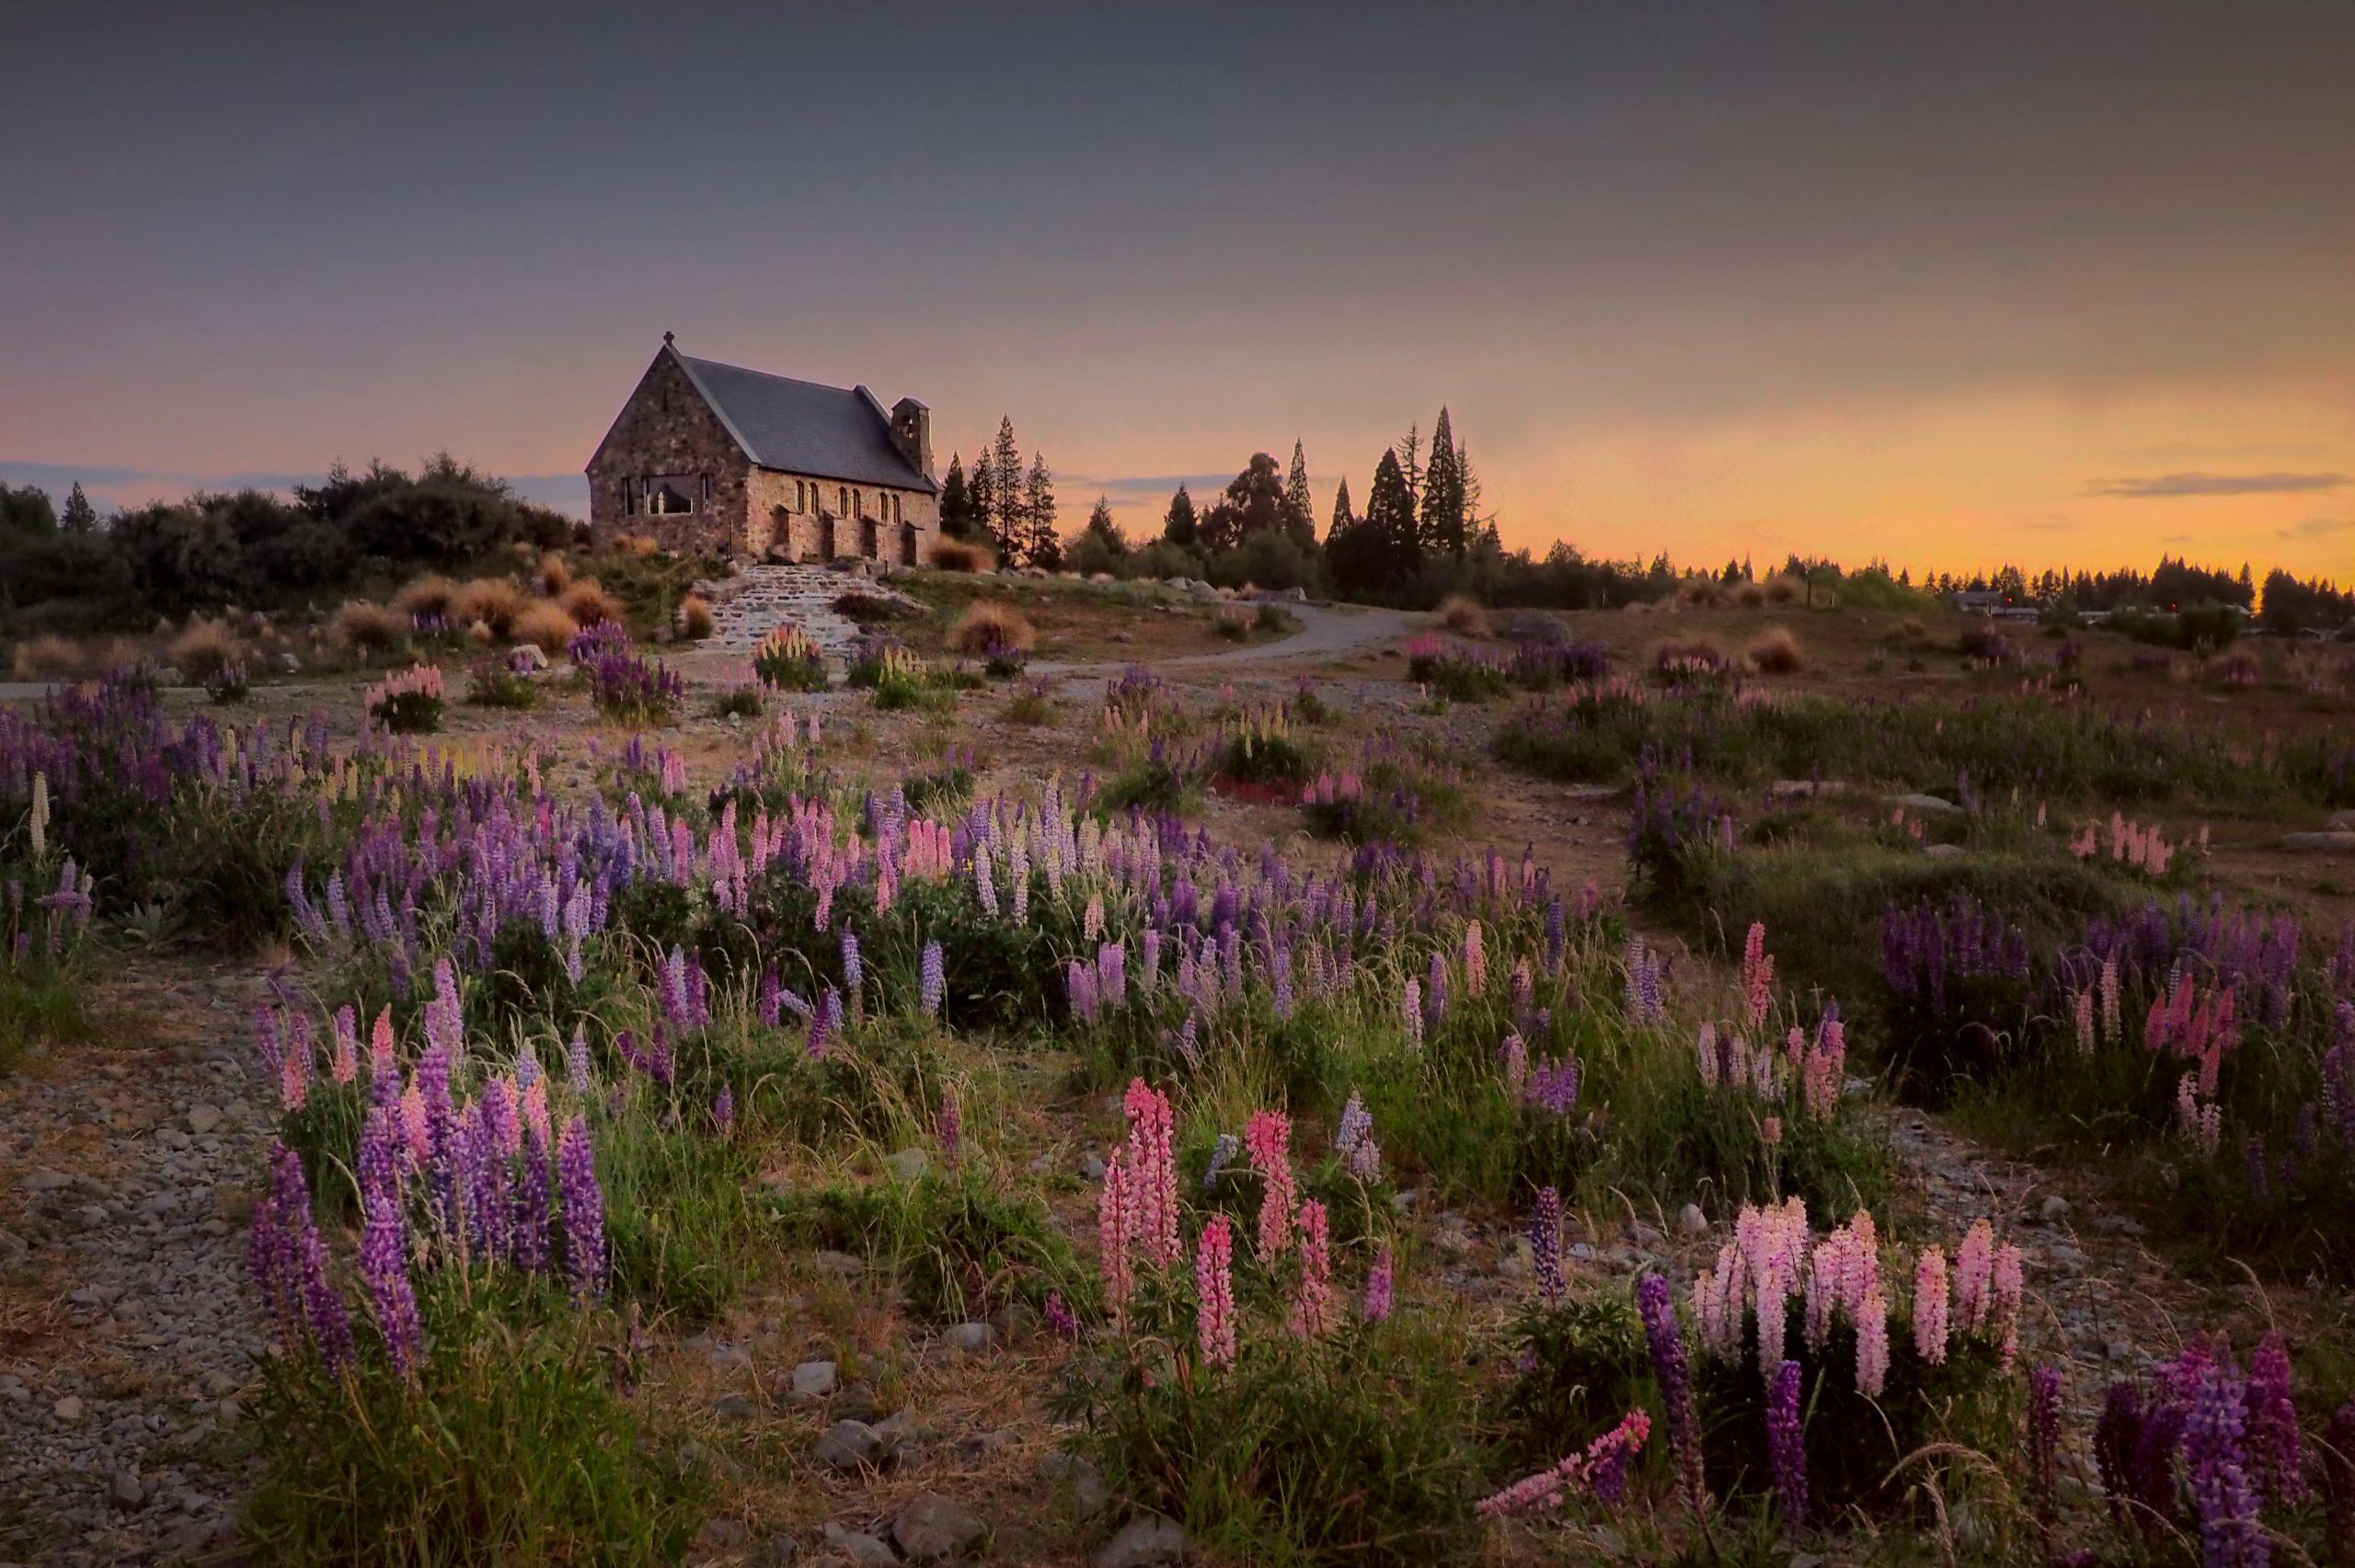 Vacker natur, stuga och blommor, på Nya Zeeland